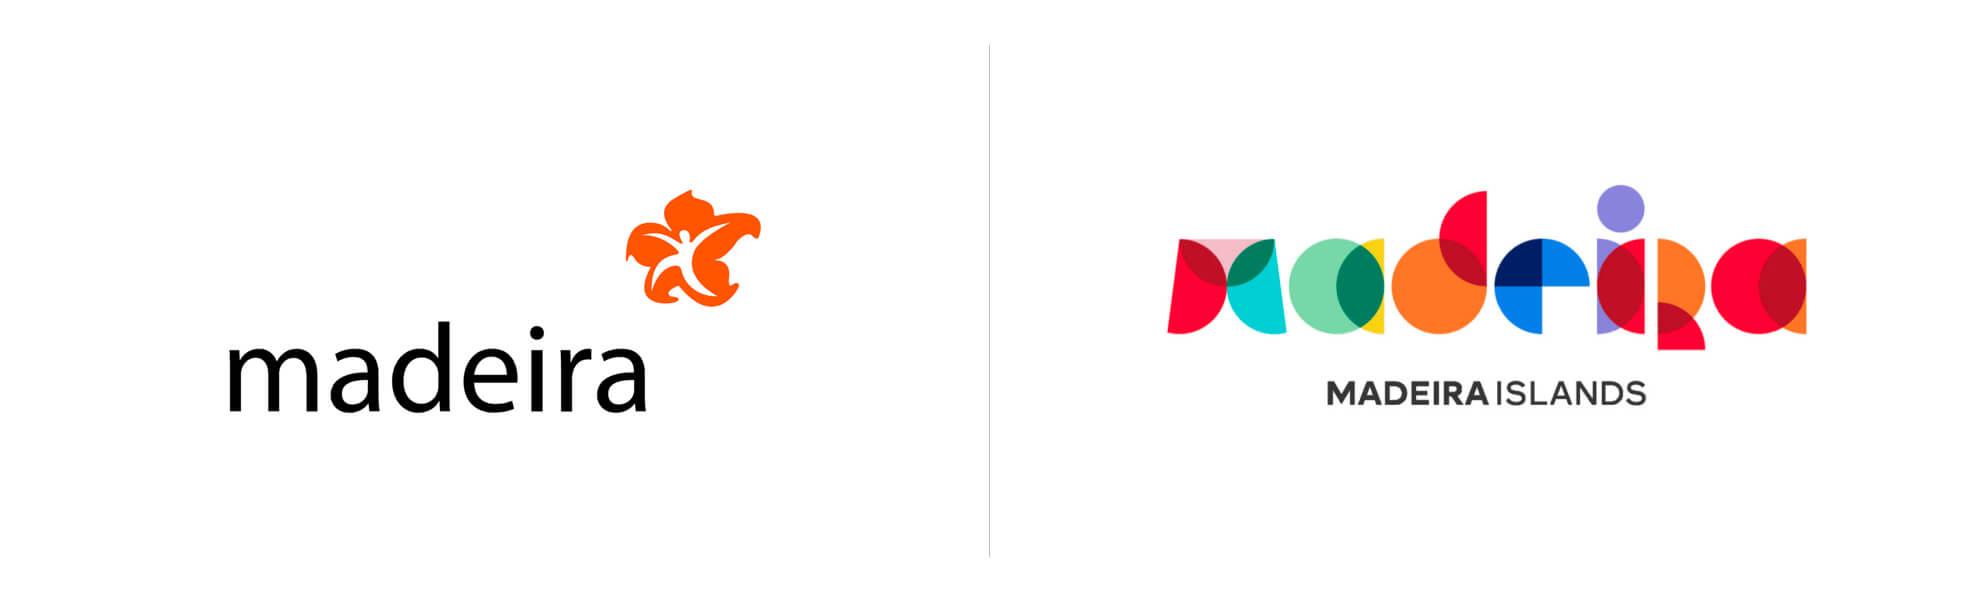 madera ma nowe logo